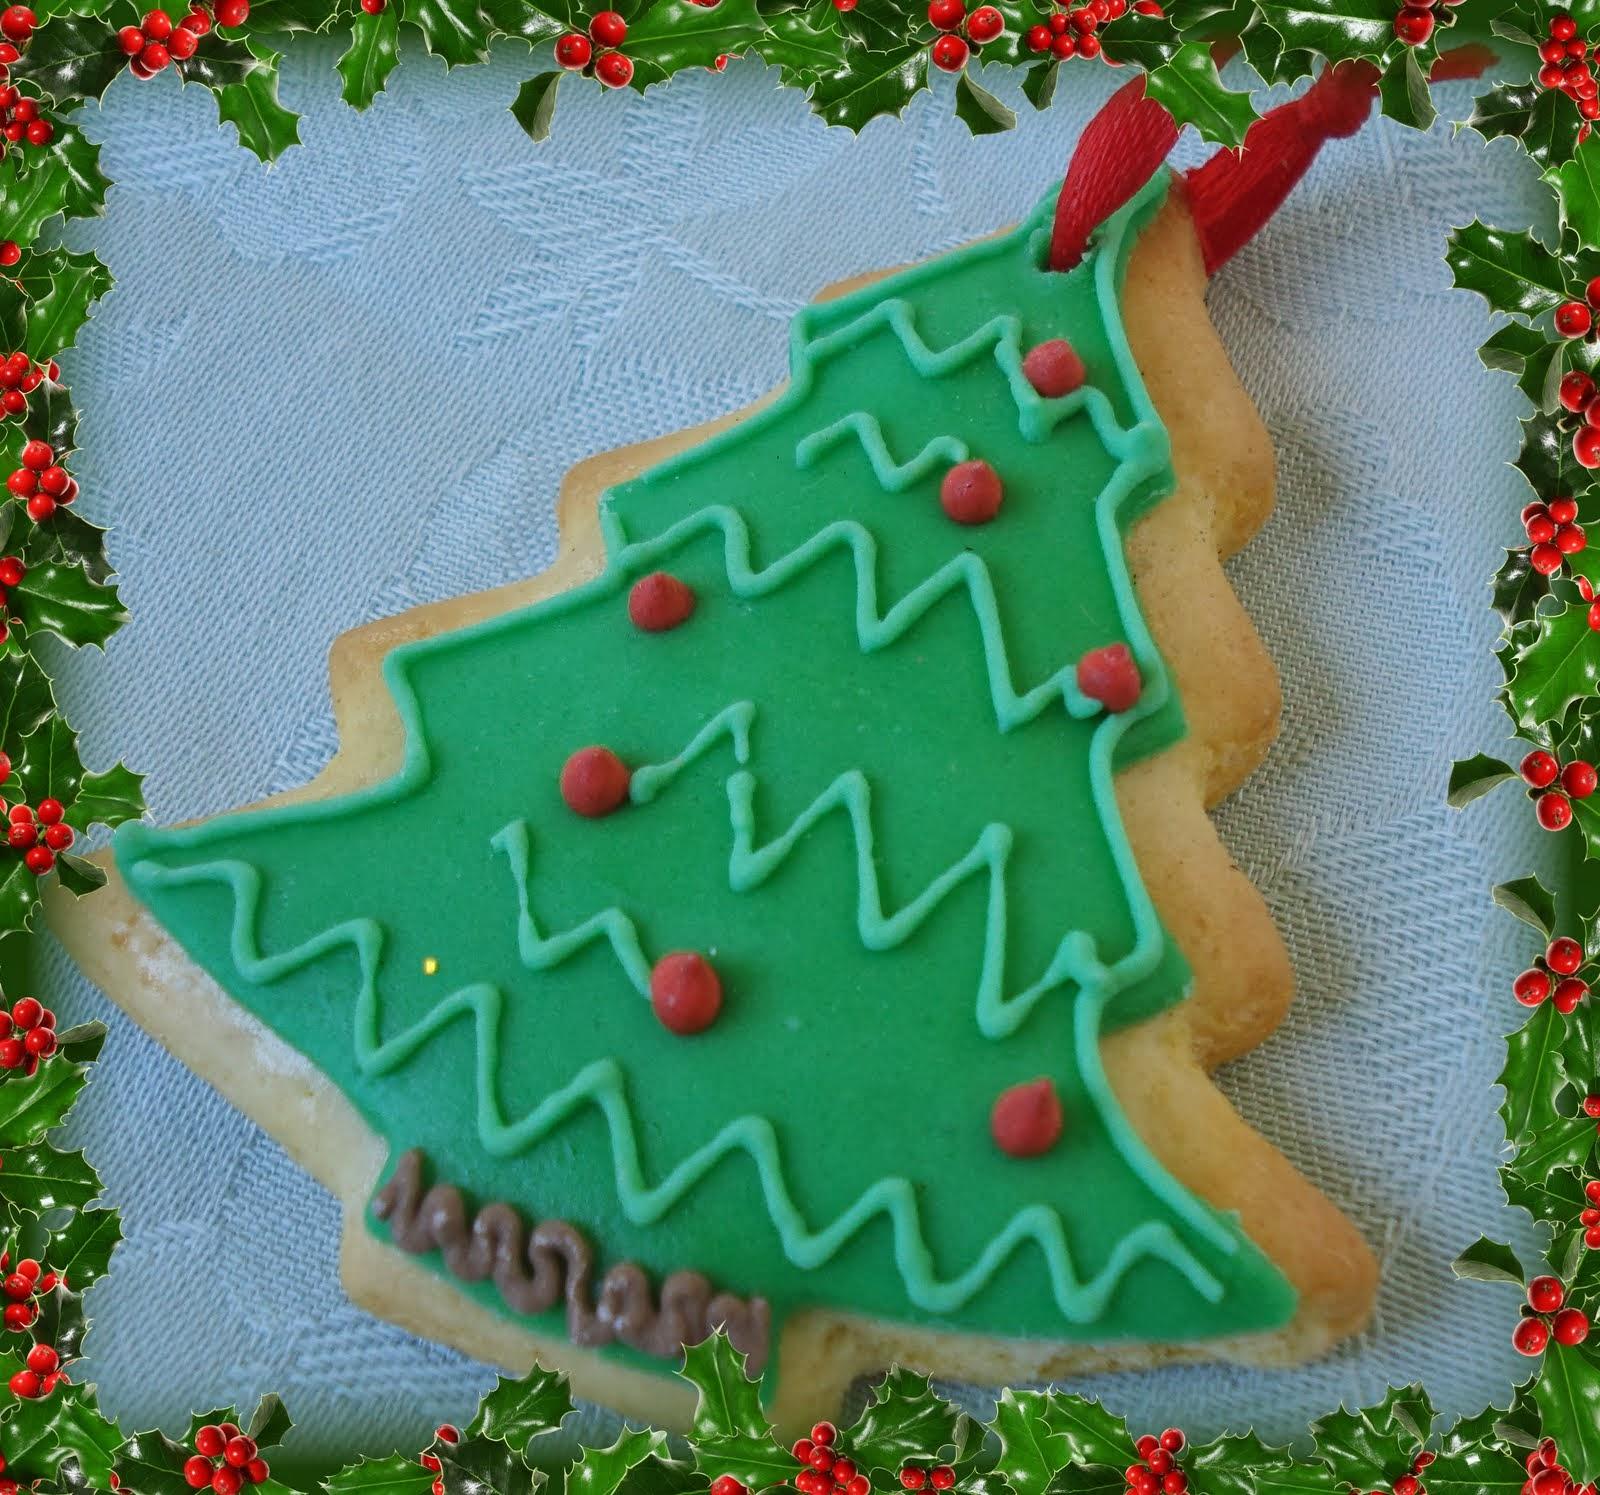 Albero Di Natale Fatto Con I Biscotti.Fatto In Casa Ricetta Biscotti Ad Albero Di Natale Fatti In Casa